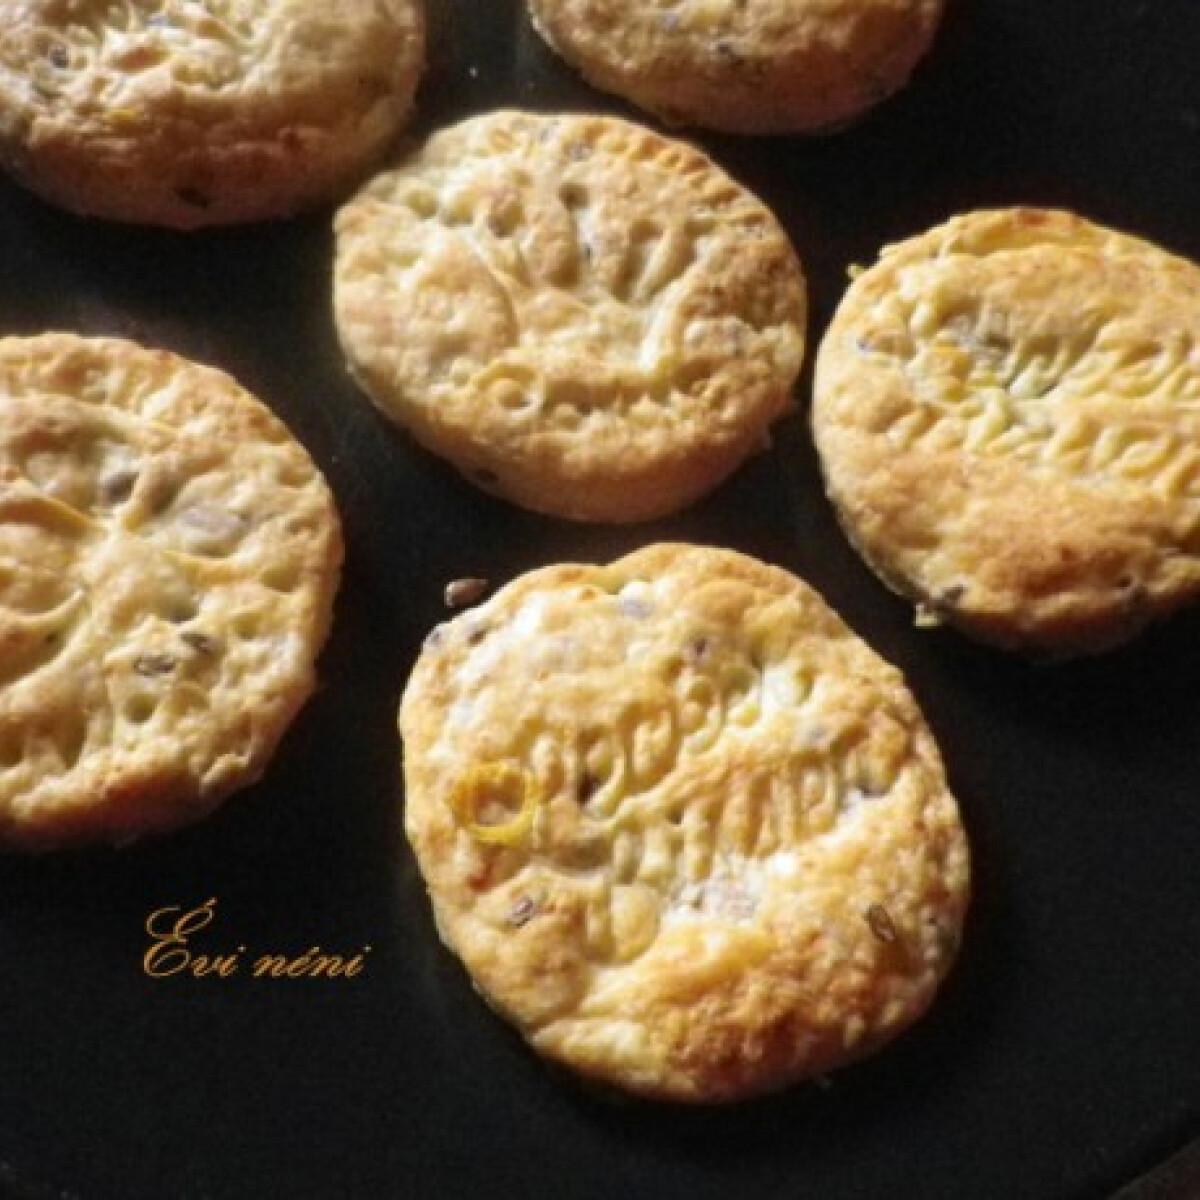 Ezen a képen: Cheddar sajtos keksz ahogy Évi néni készíti